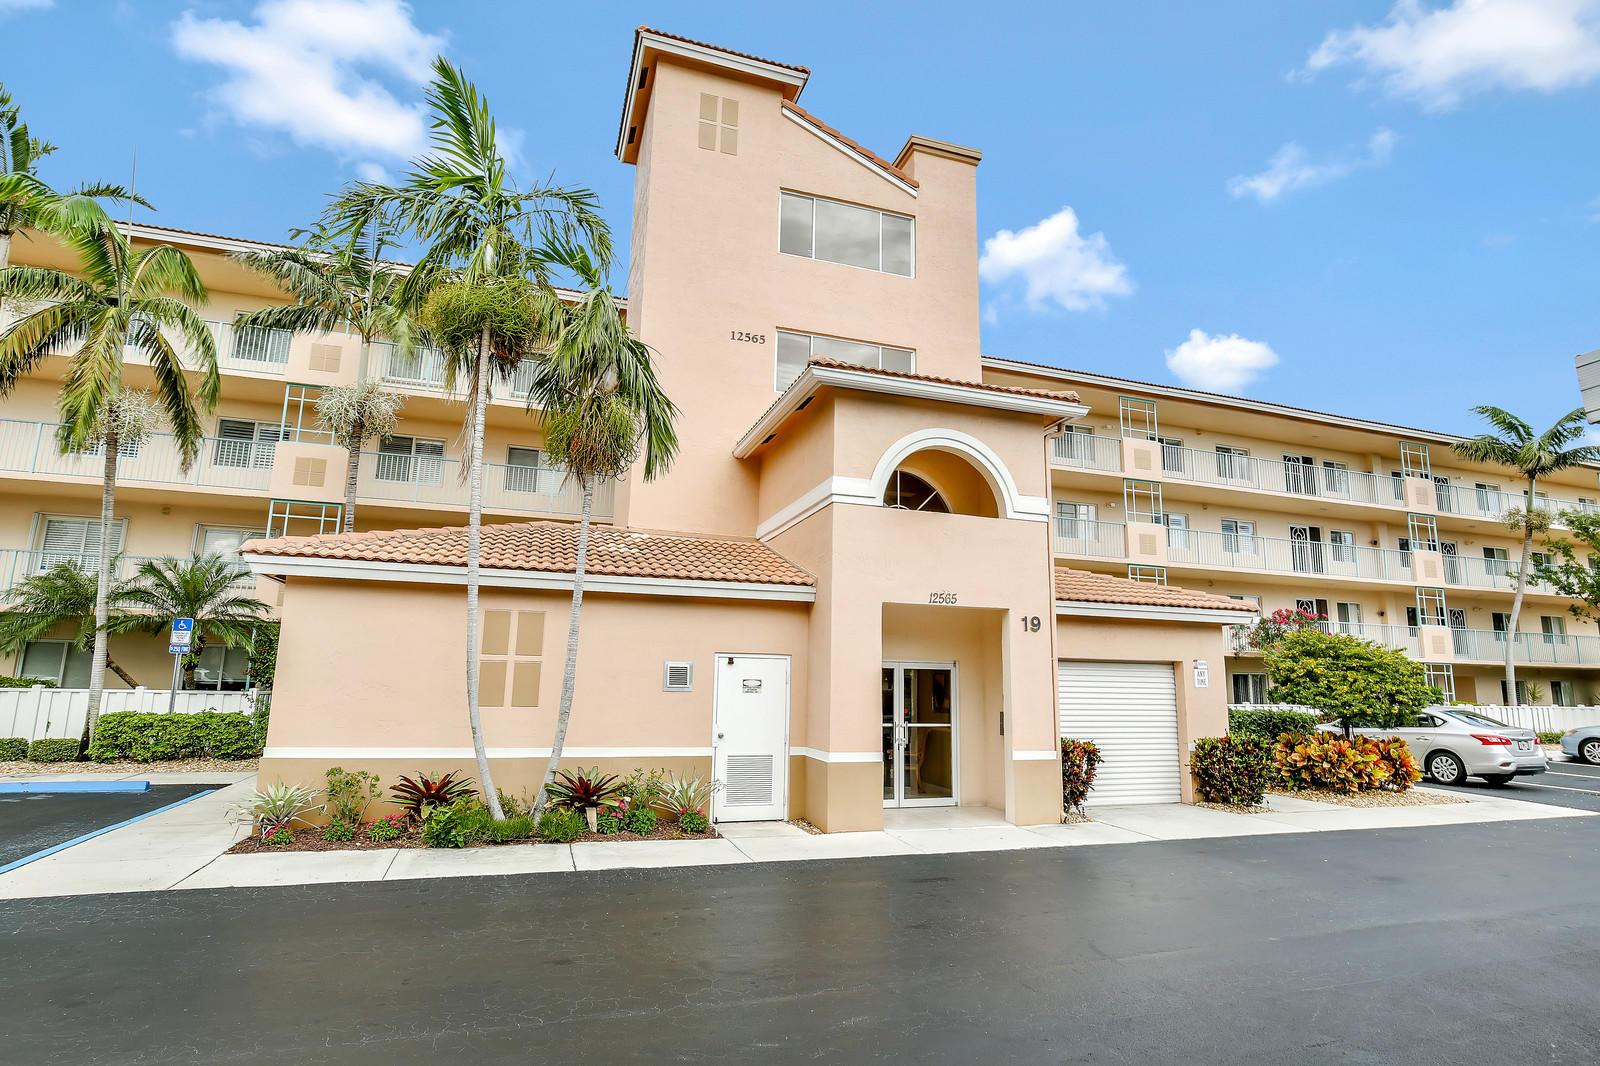 5906 Crystal Shores Drive 407 Boynton Beach, FL 33437